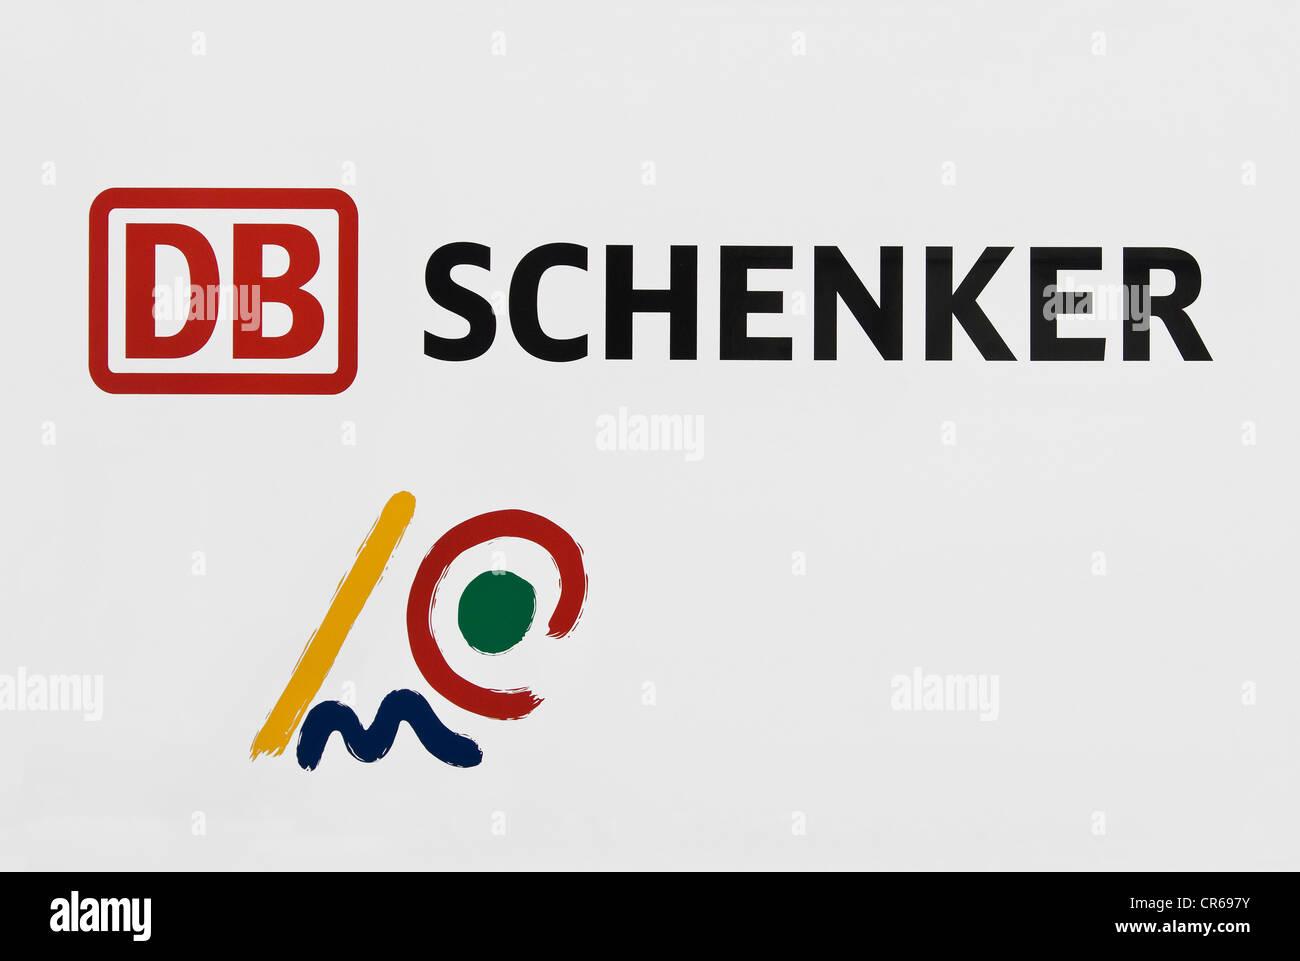 DB Schenker logo, avec symbole pour le transport combiné Photo Stock